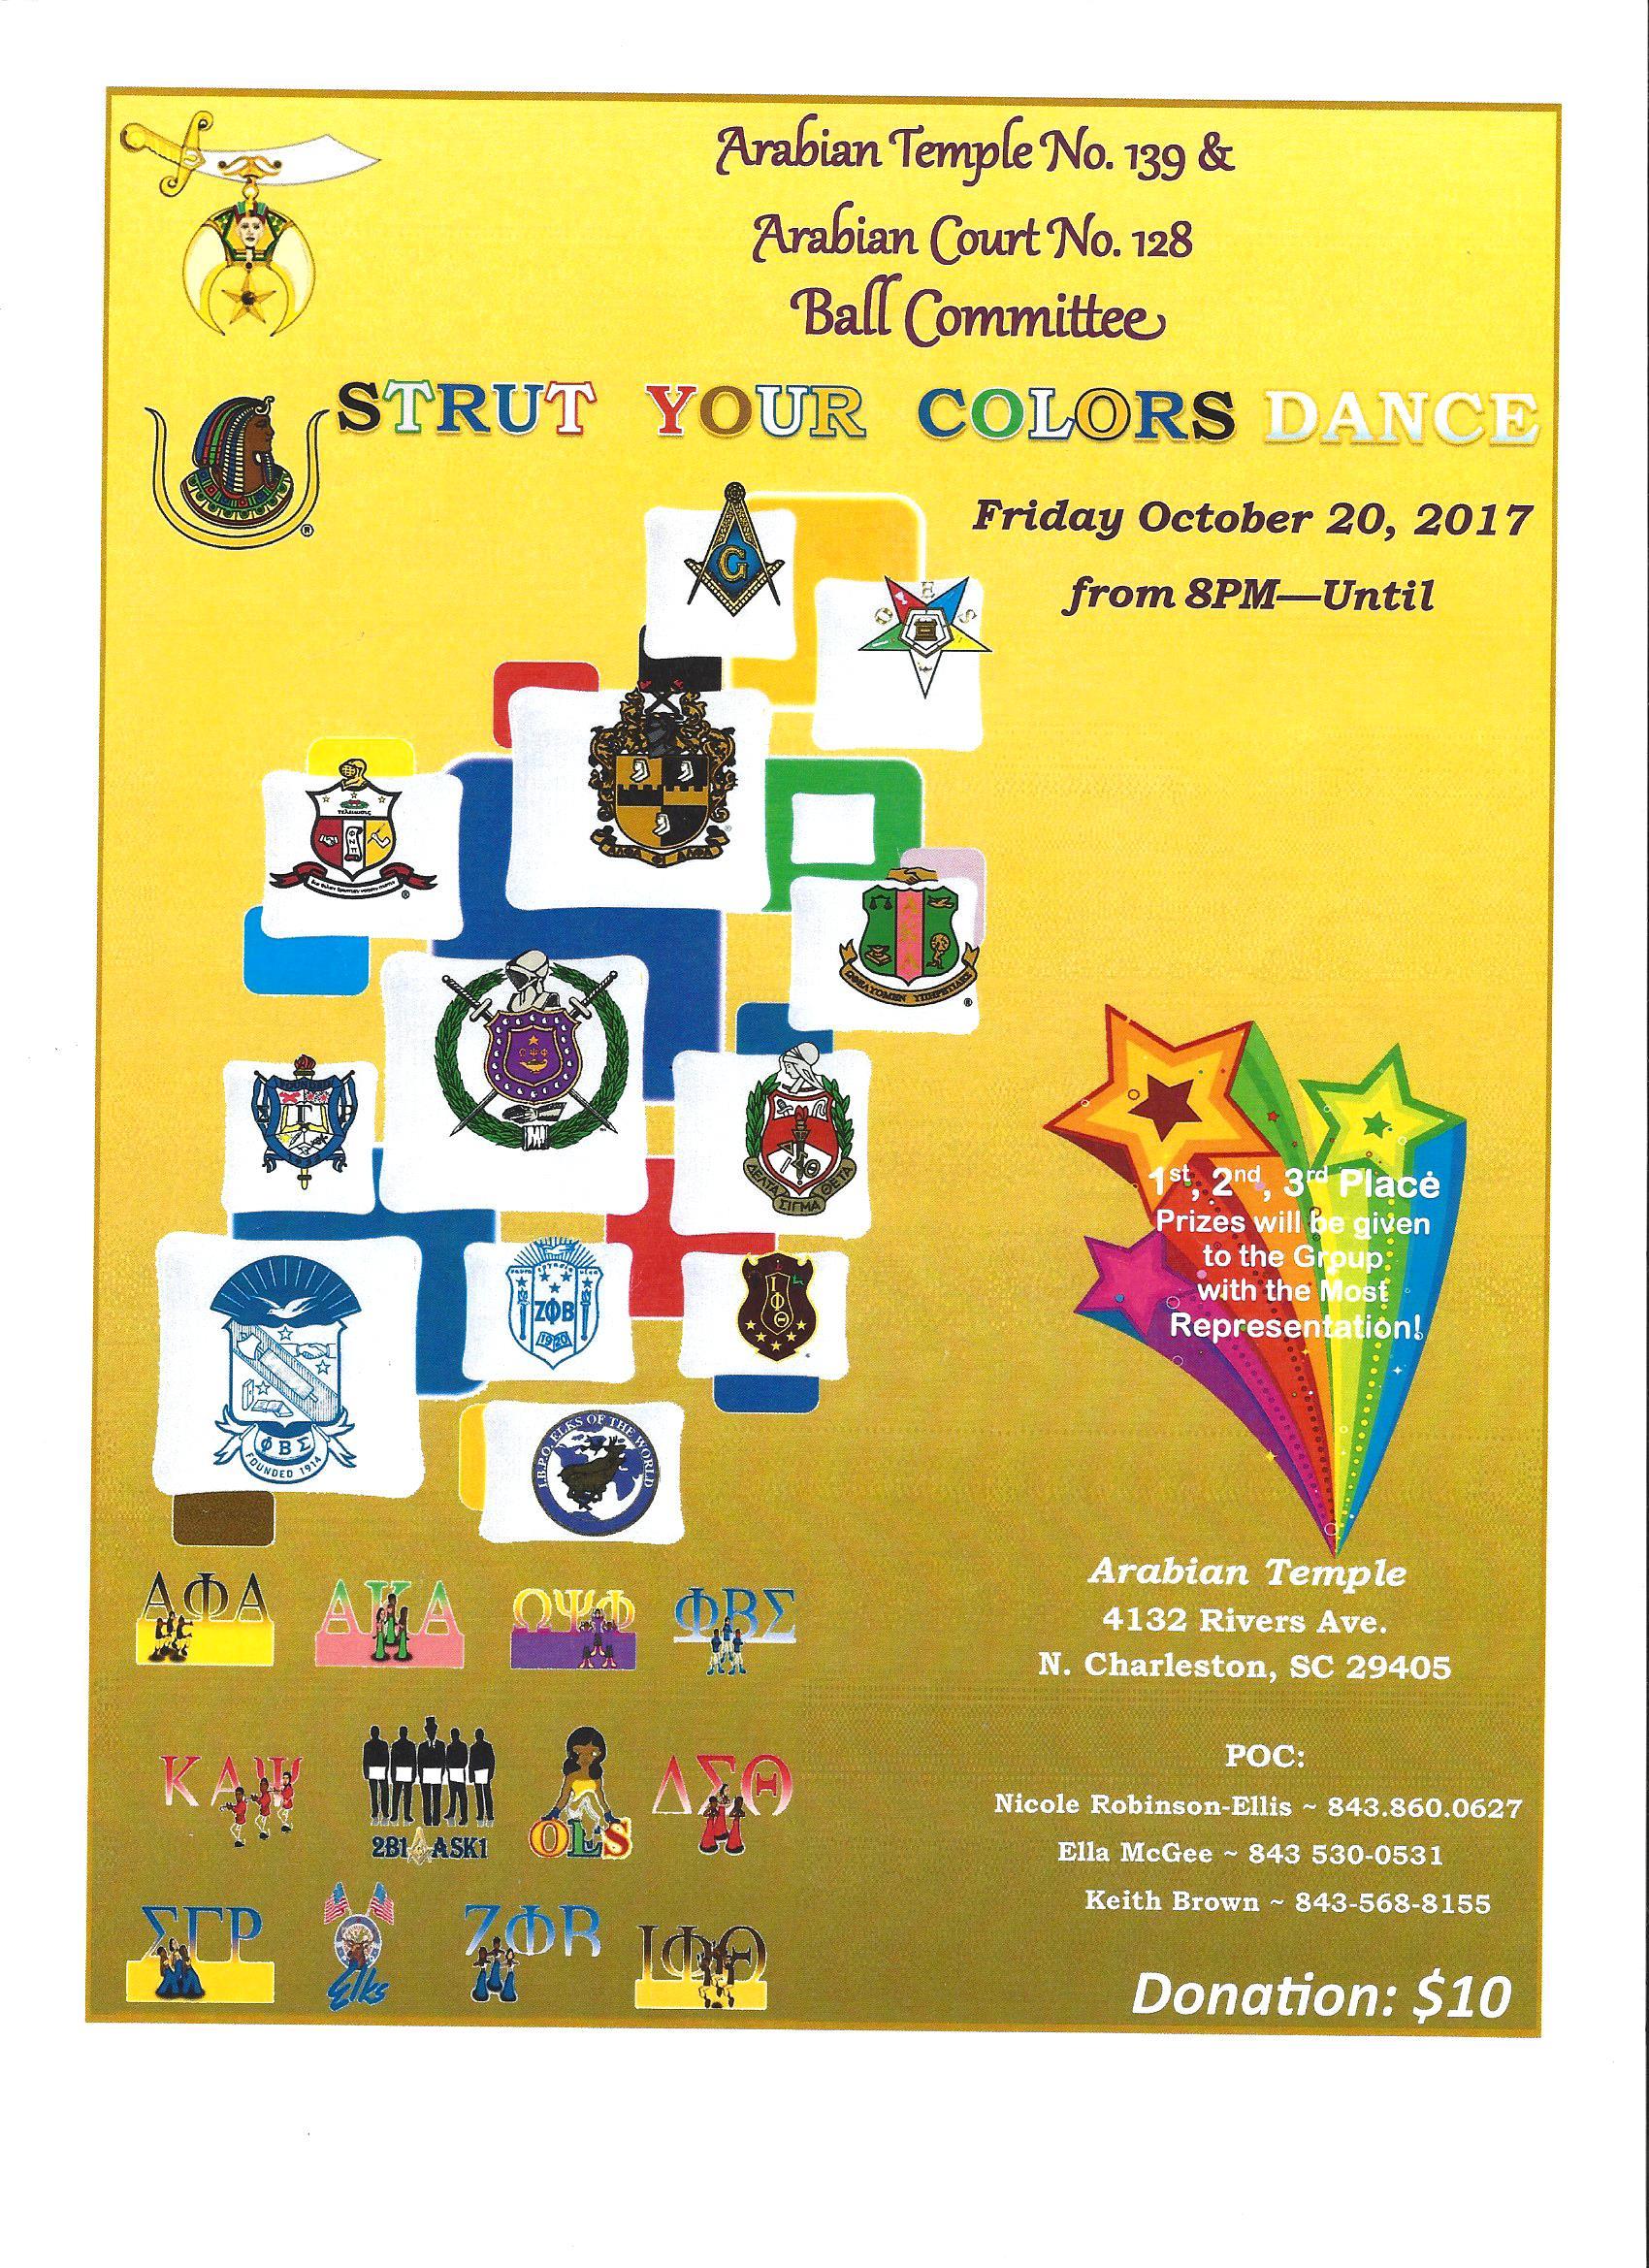 Arabian Temple 139 Strut your Colors Flyer